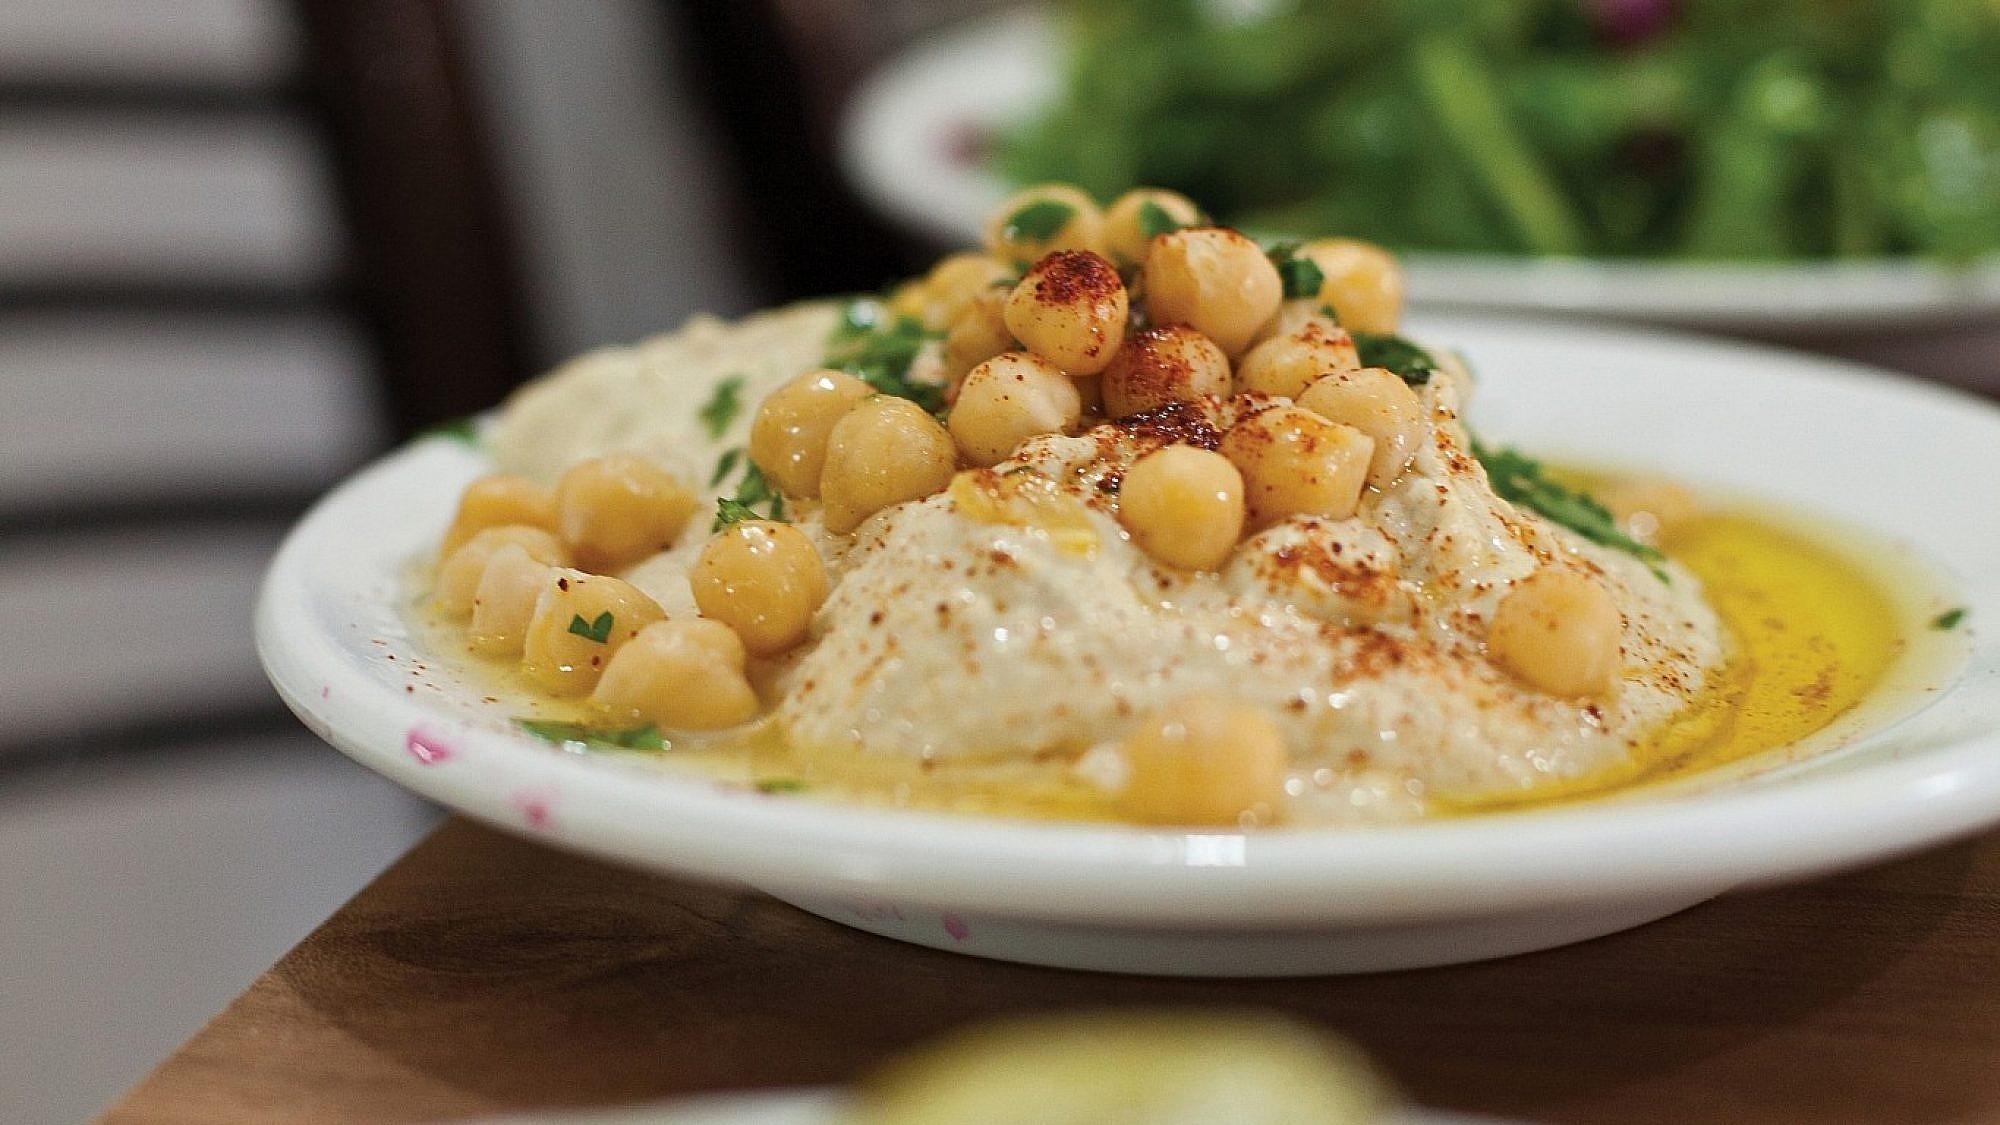 חומוס במסעדת שראביכ. צילום: דניאל לילה